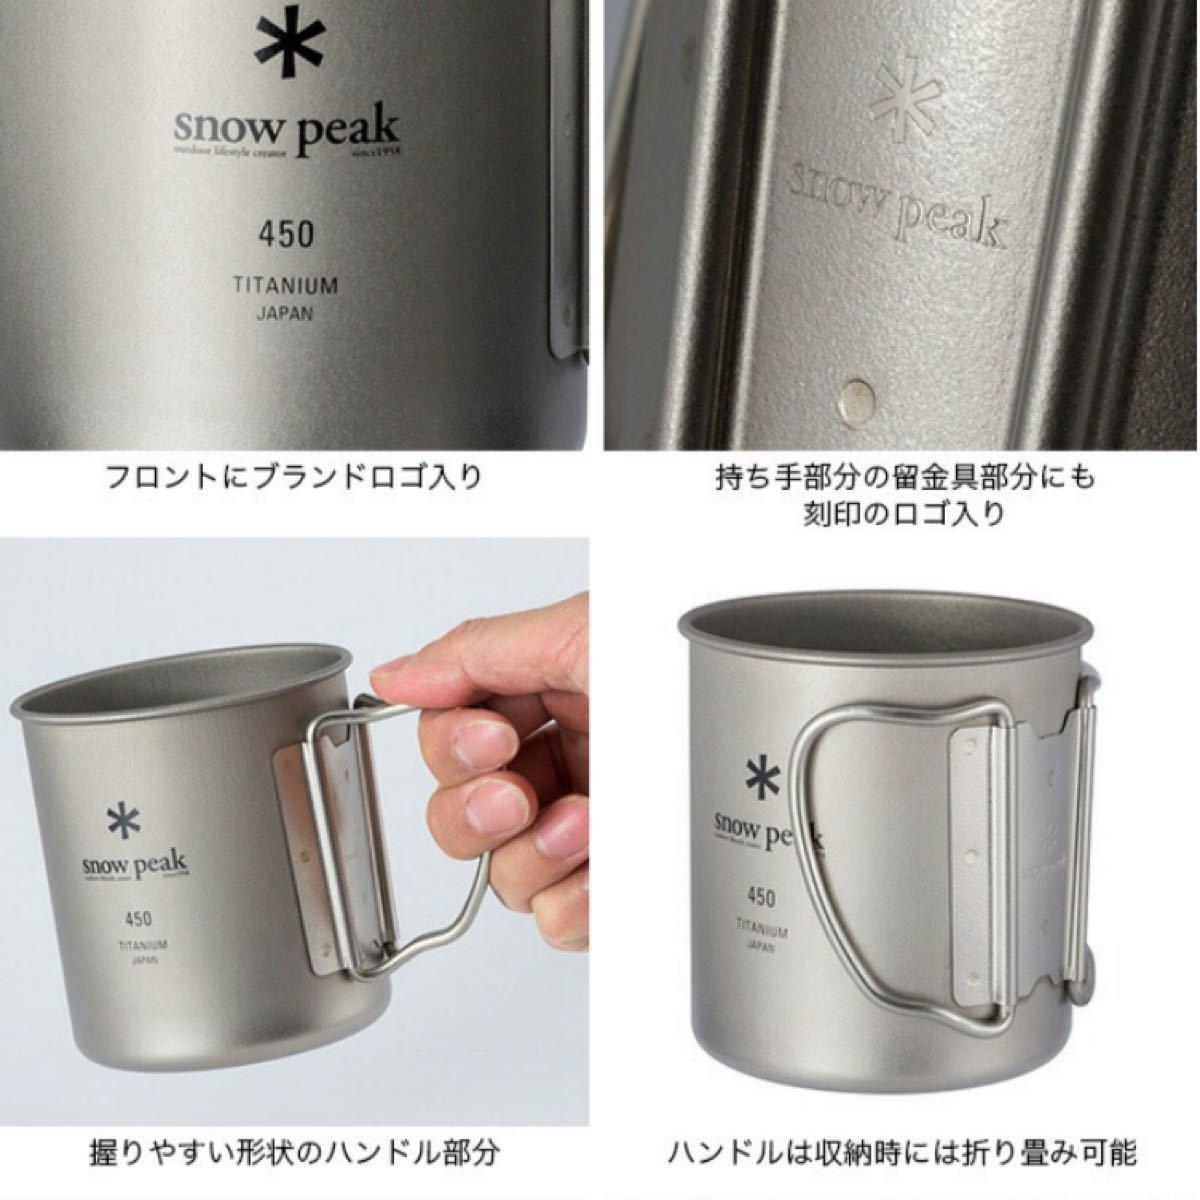 スノーピーク マグカップ チタンシングルマグ 450 【値段交渉不可】